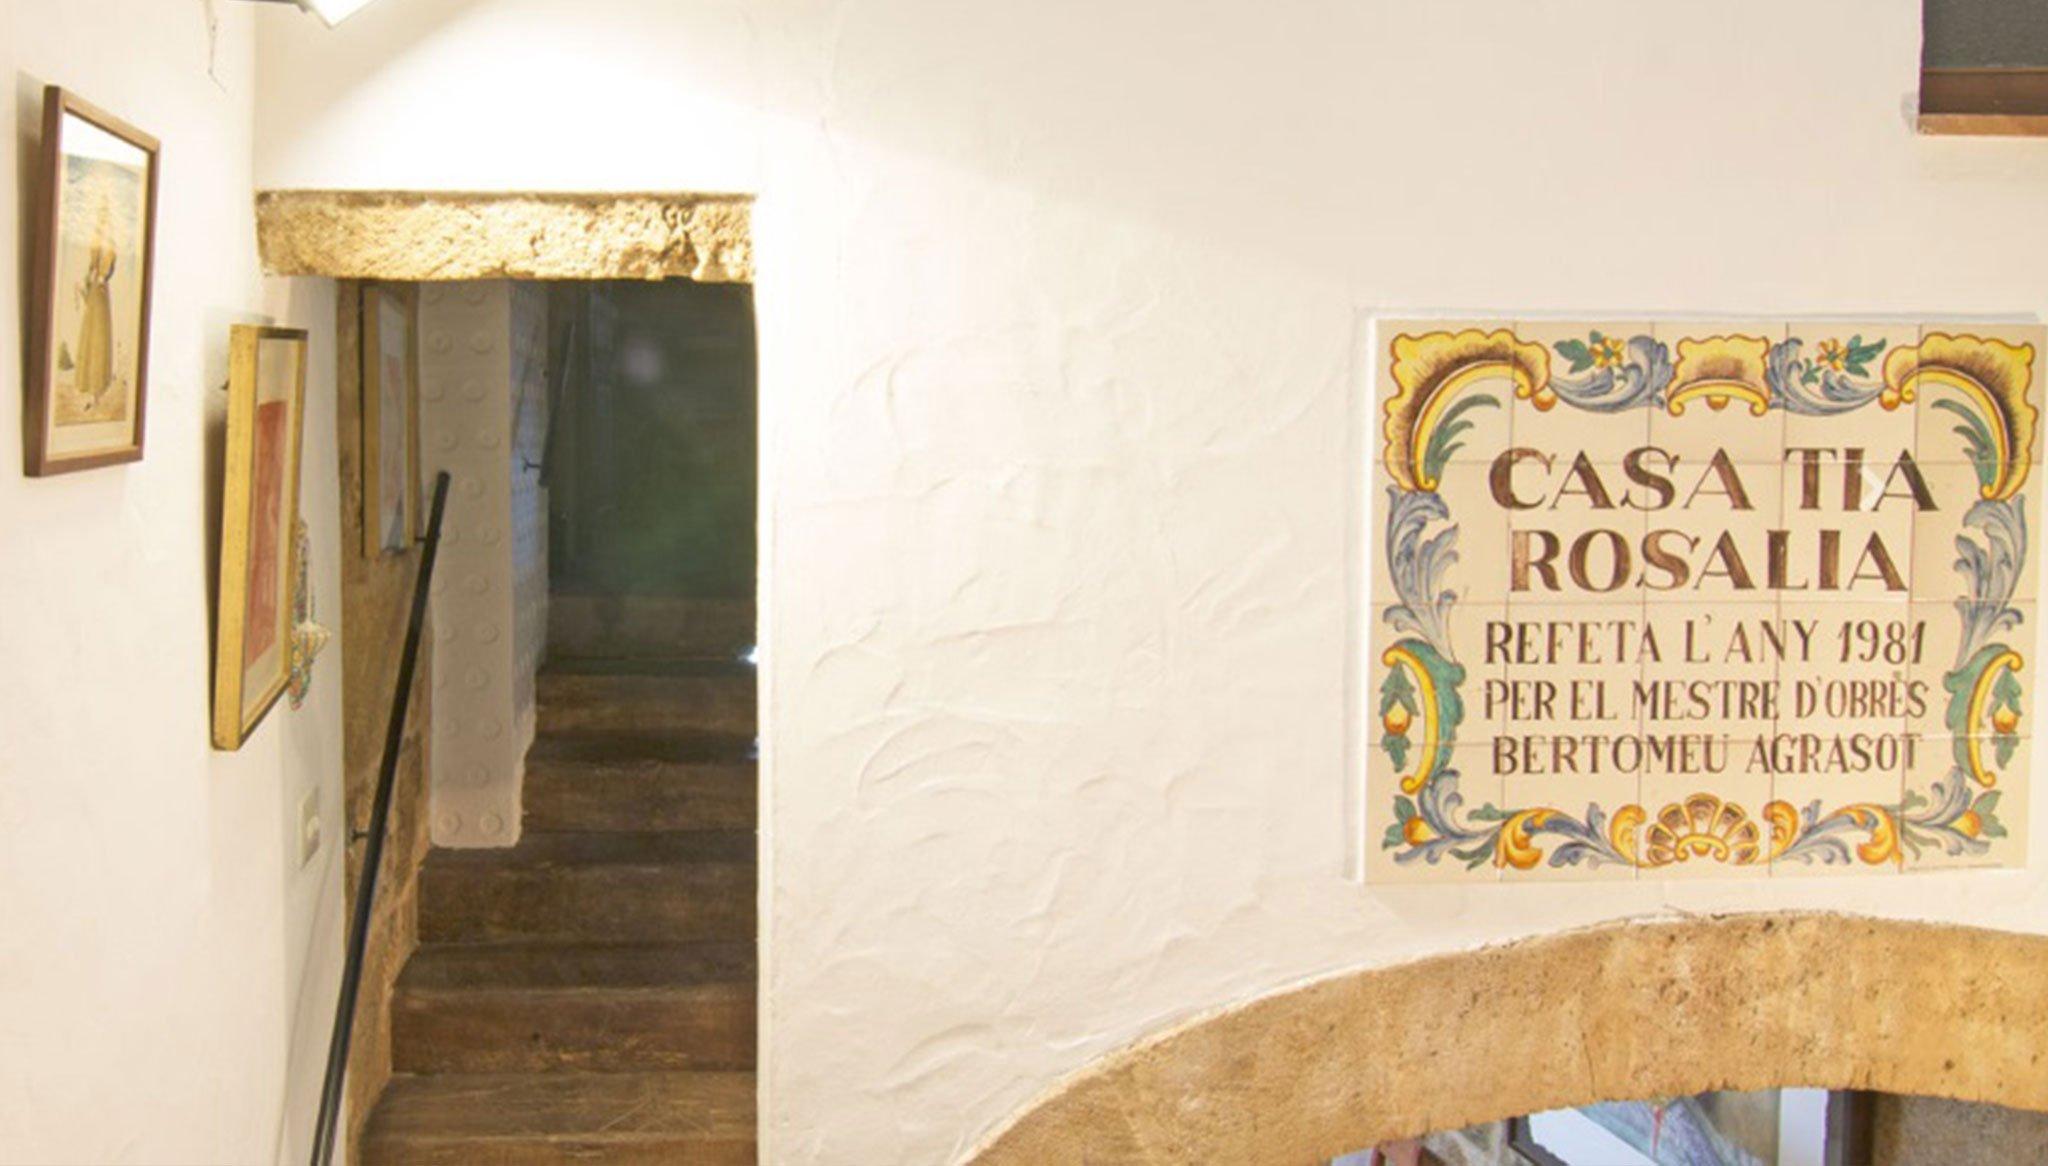 Placa en una casa de poble al centre de Xàbia - MORAGUESPONS Mediterranean Houses